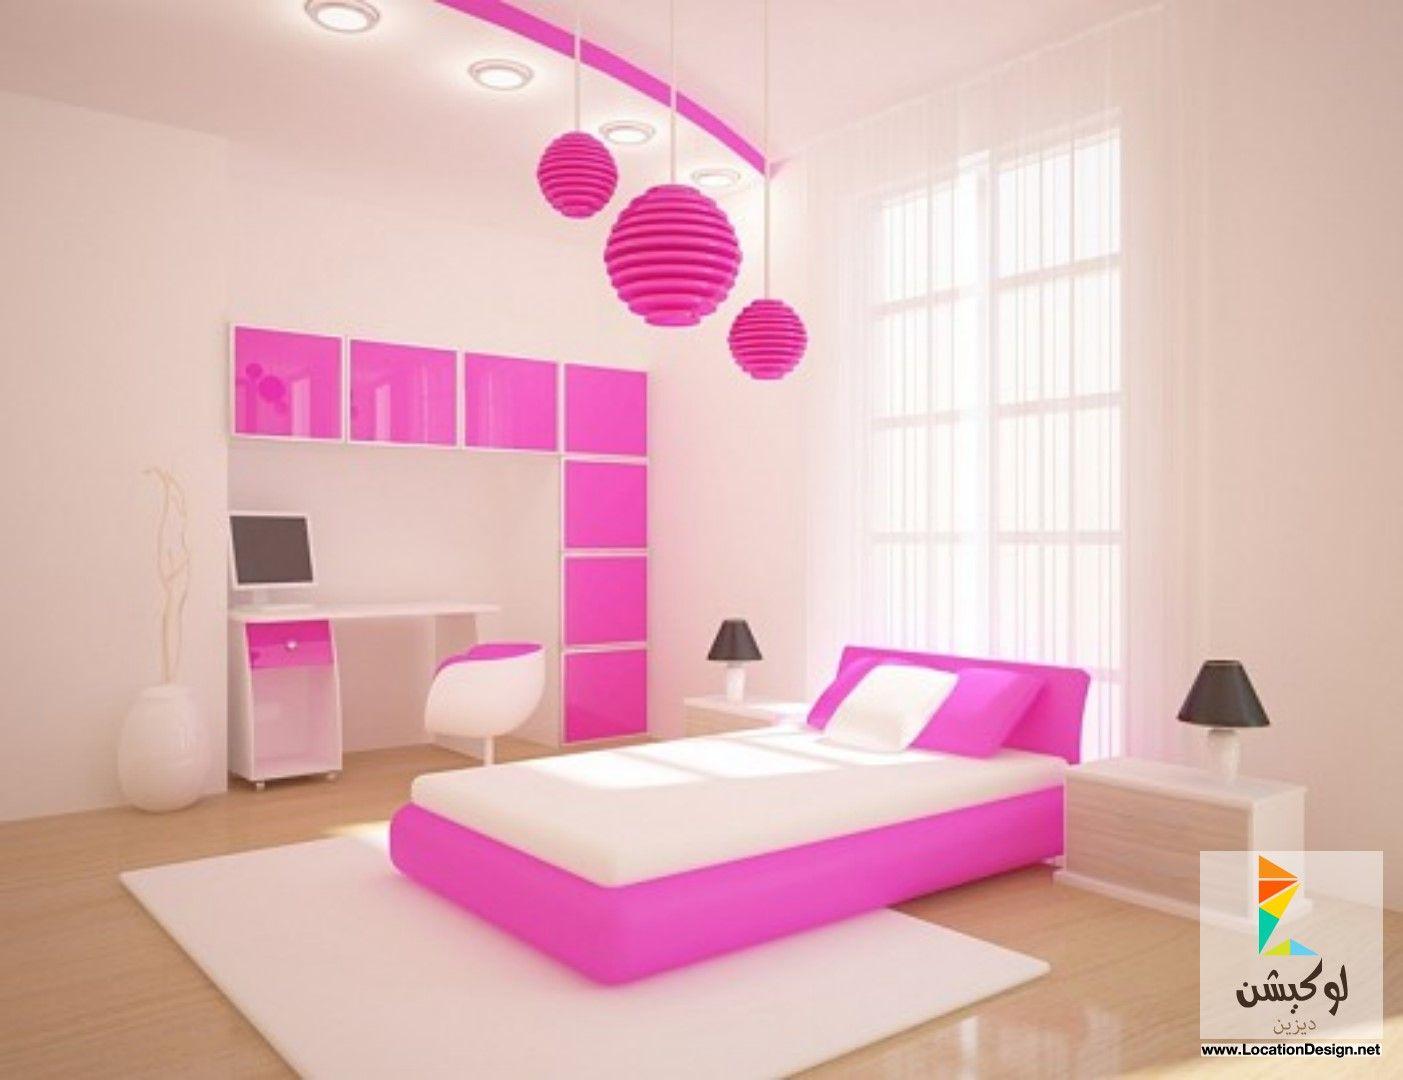 صور غرف نوم بنات 2015 لوكيشن ديزاين تصميمات ديكورات أفكار جديدة مصر Classic Dining Room Holiday Room Minimalist Bedroom